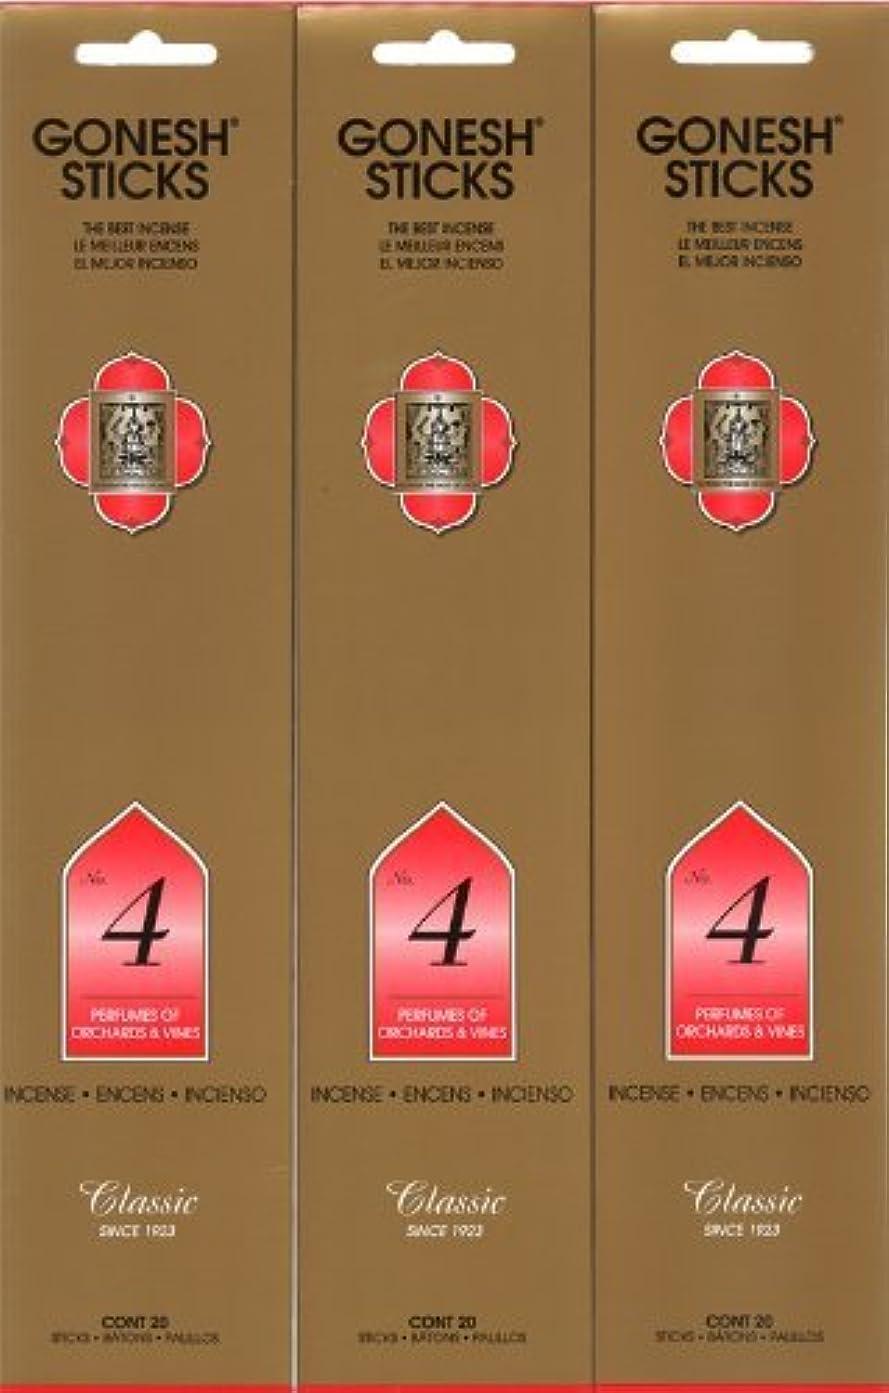 便利さシーン慈悲深いGONESH インセンス No.4 スティック 20本入り X 3パック (60本)